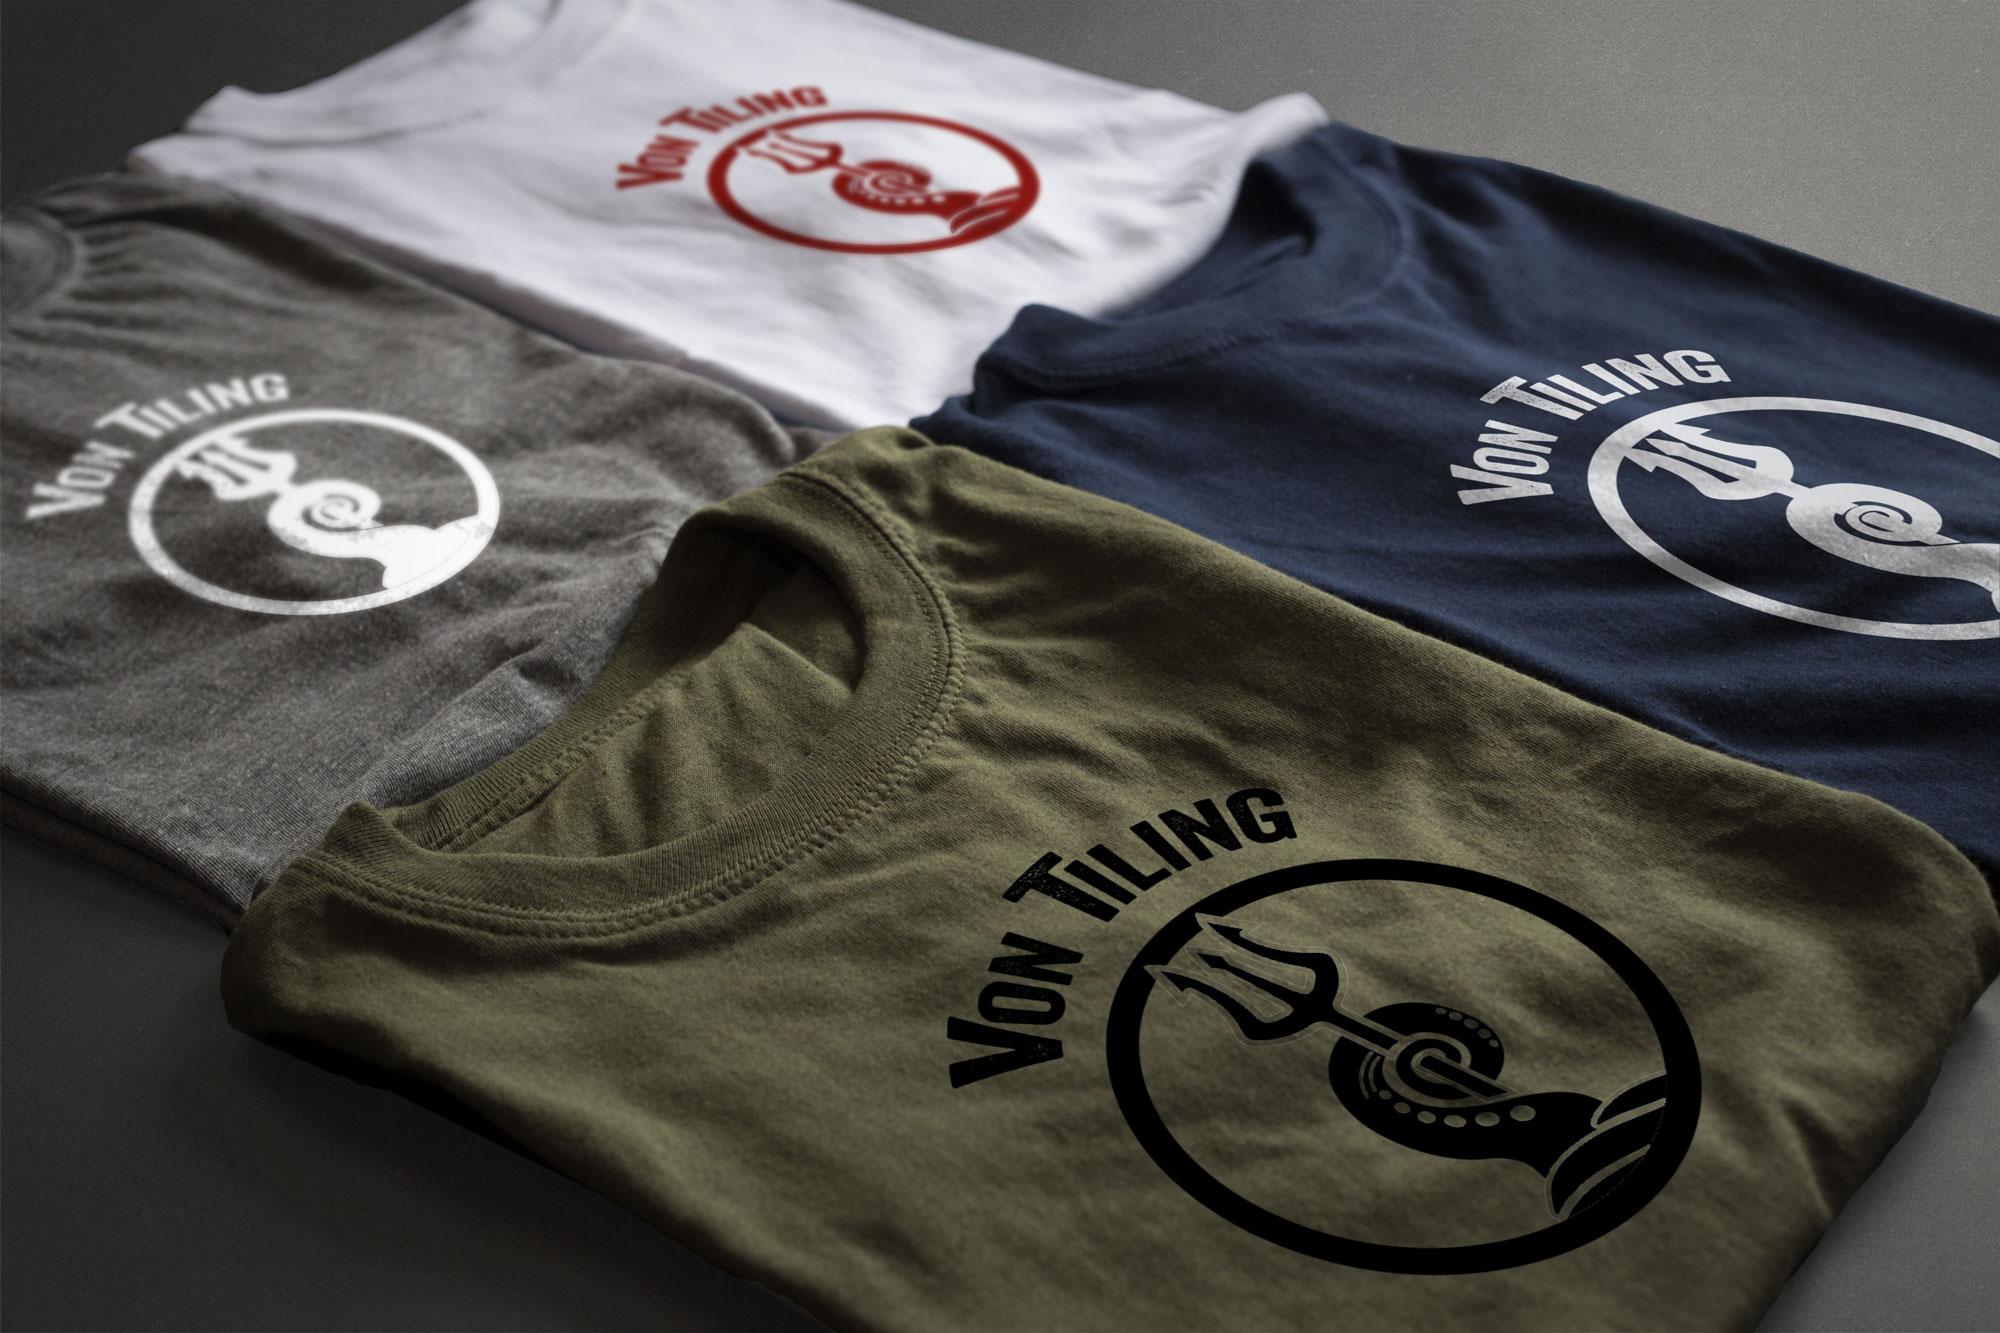 Pourquoi ne pas vous Arrête avec eux négatif vagues T Shirt Hommes en Coton Noir Tee